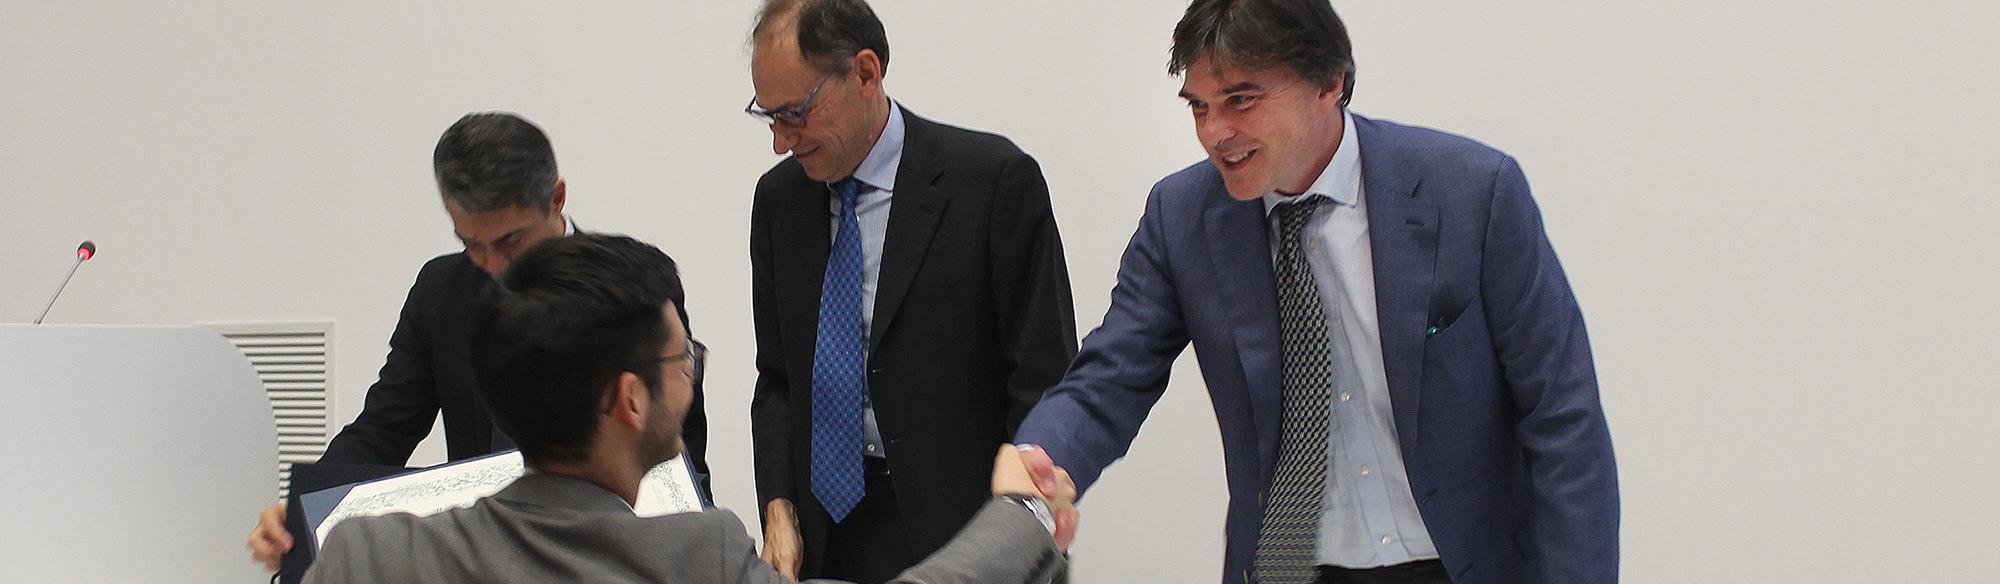 Consegna diplomi Energy Center Torino